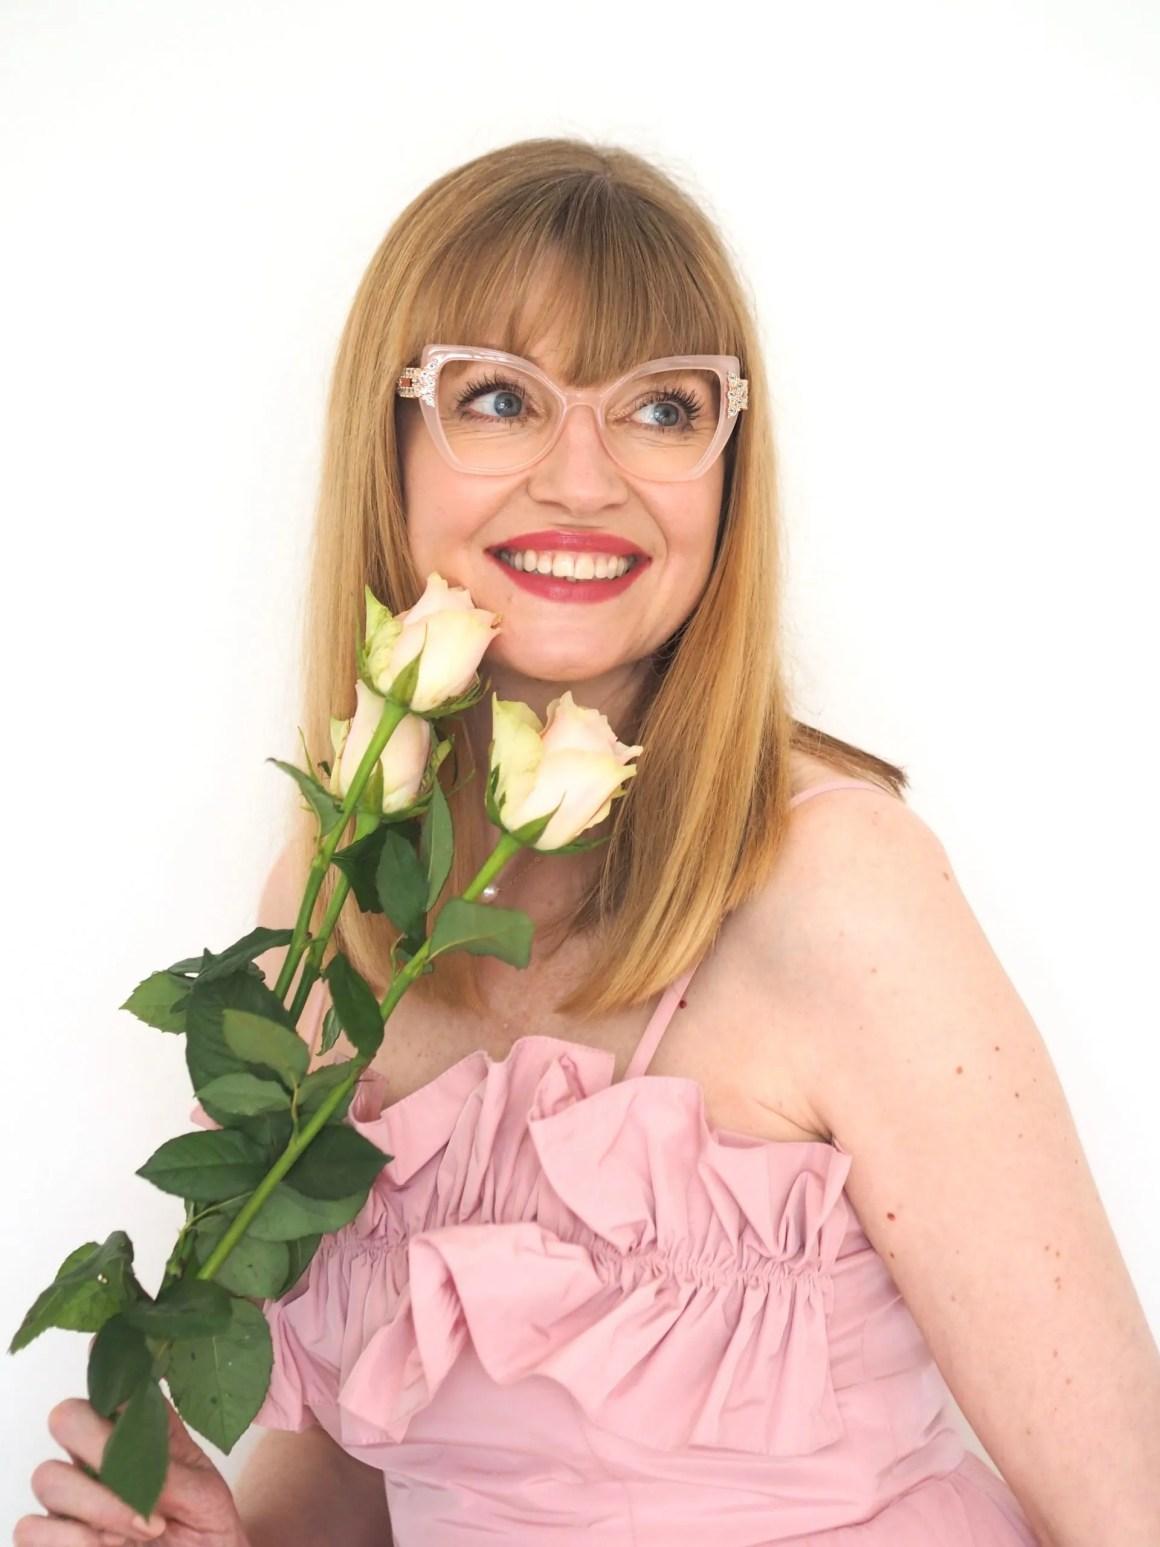 Aurora by Pier Martino eyewear set with Swarovski crystals